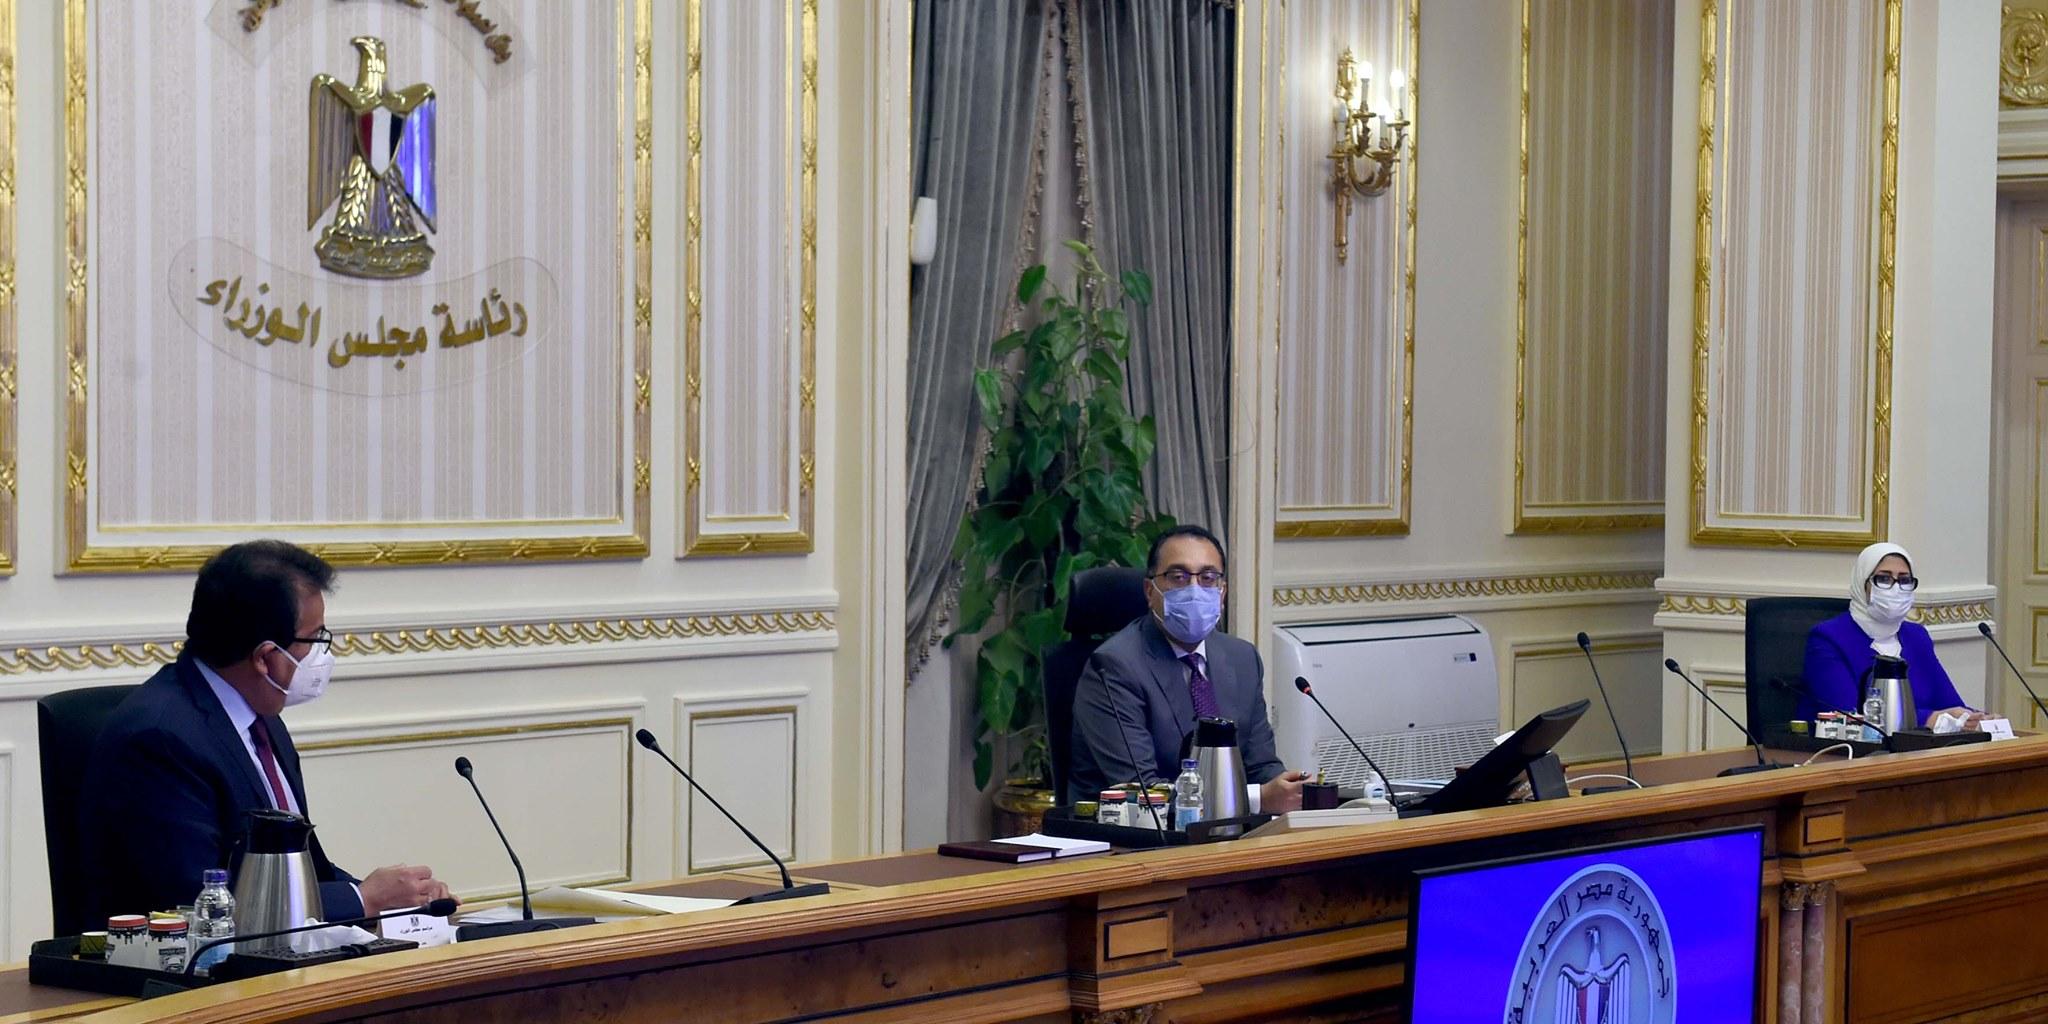 صور | رئيس الوزراء يعقد اجتماعا لمتابعة جهود مواجهة فيروس كورونا